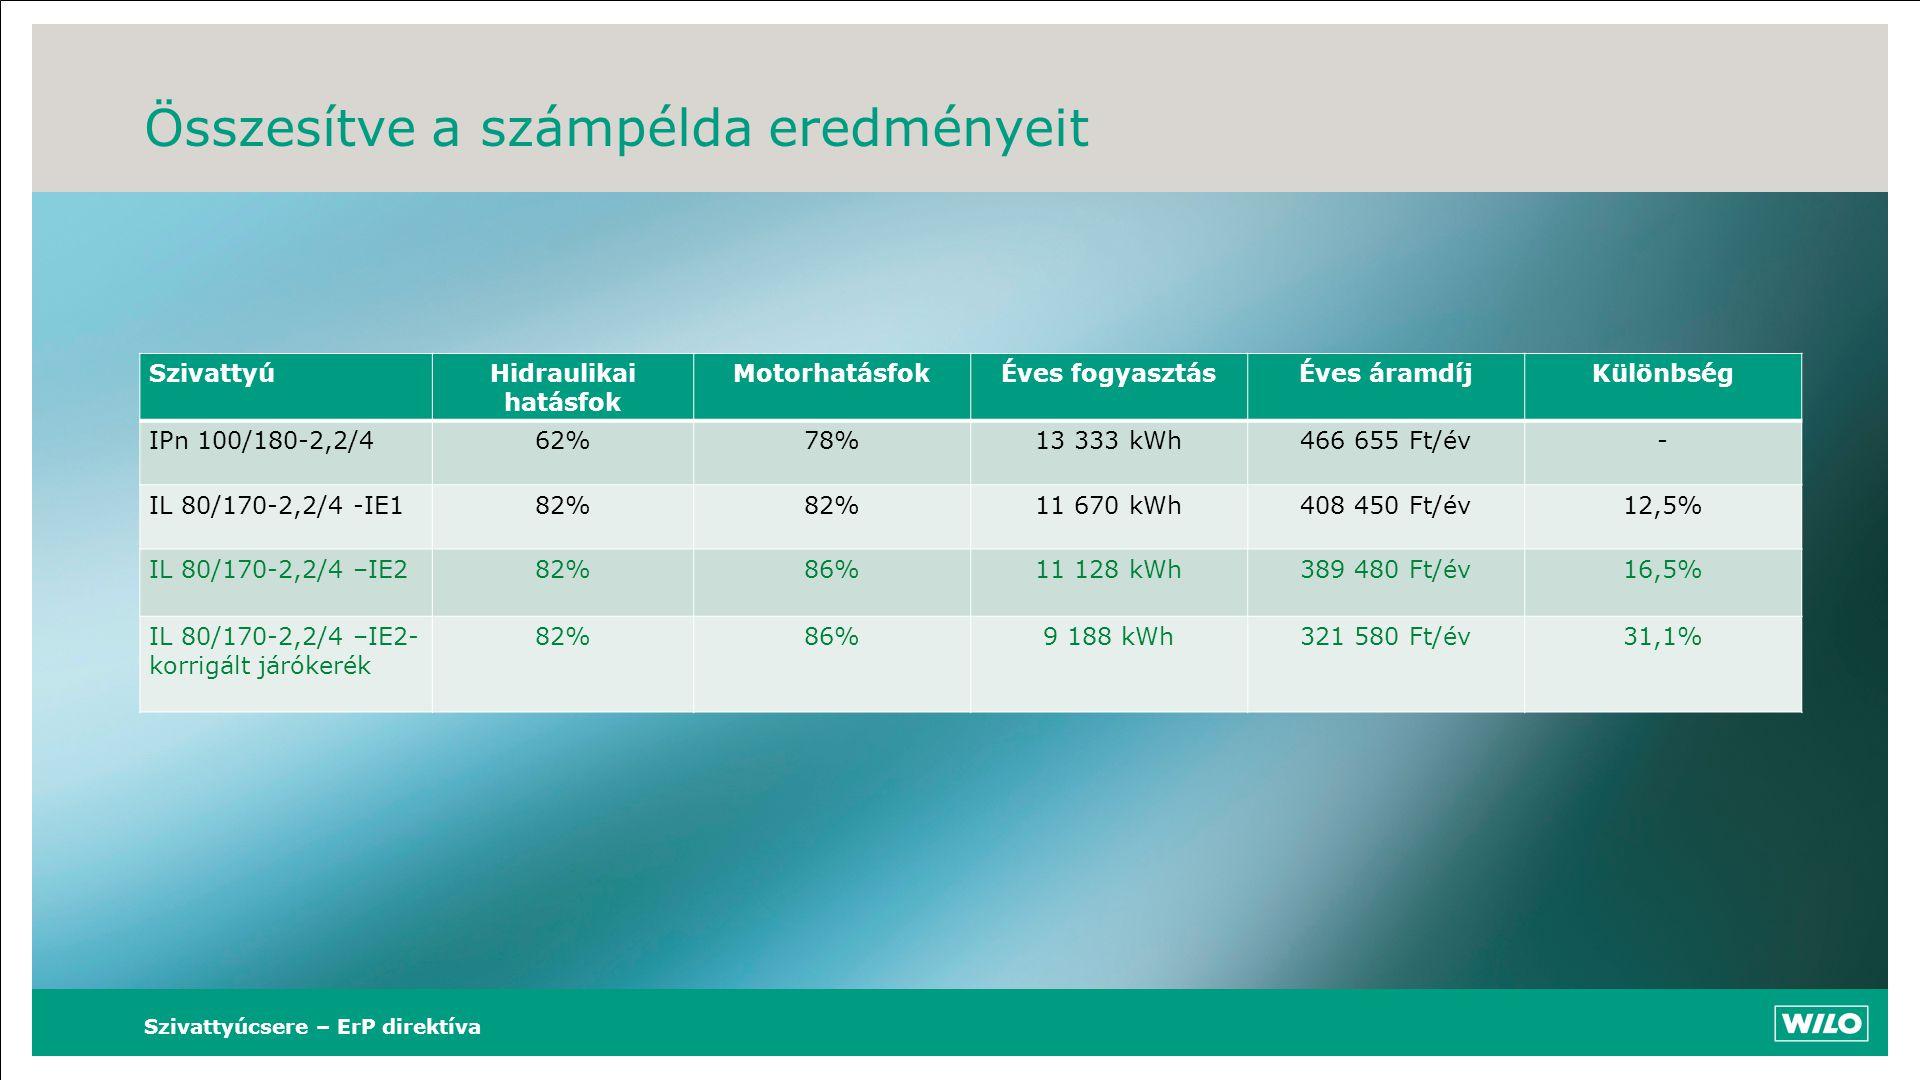 Összesítve a számpélda eredményeit SzivattyúHidraulikai hatásfok MotorhatásfokÉves fogyasztásÉves áramdíjKülönbség IPn 100/180-2,2/462%78%13 333 kWh46